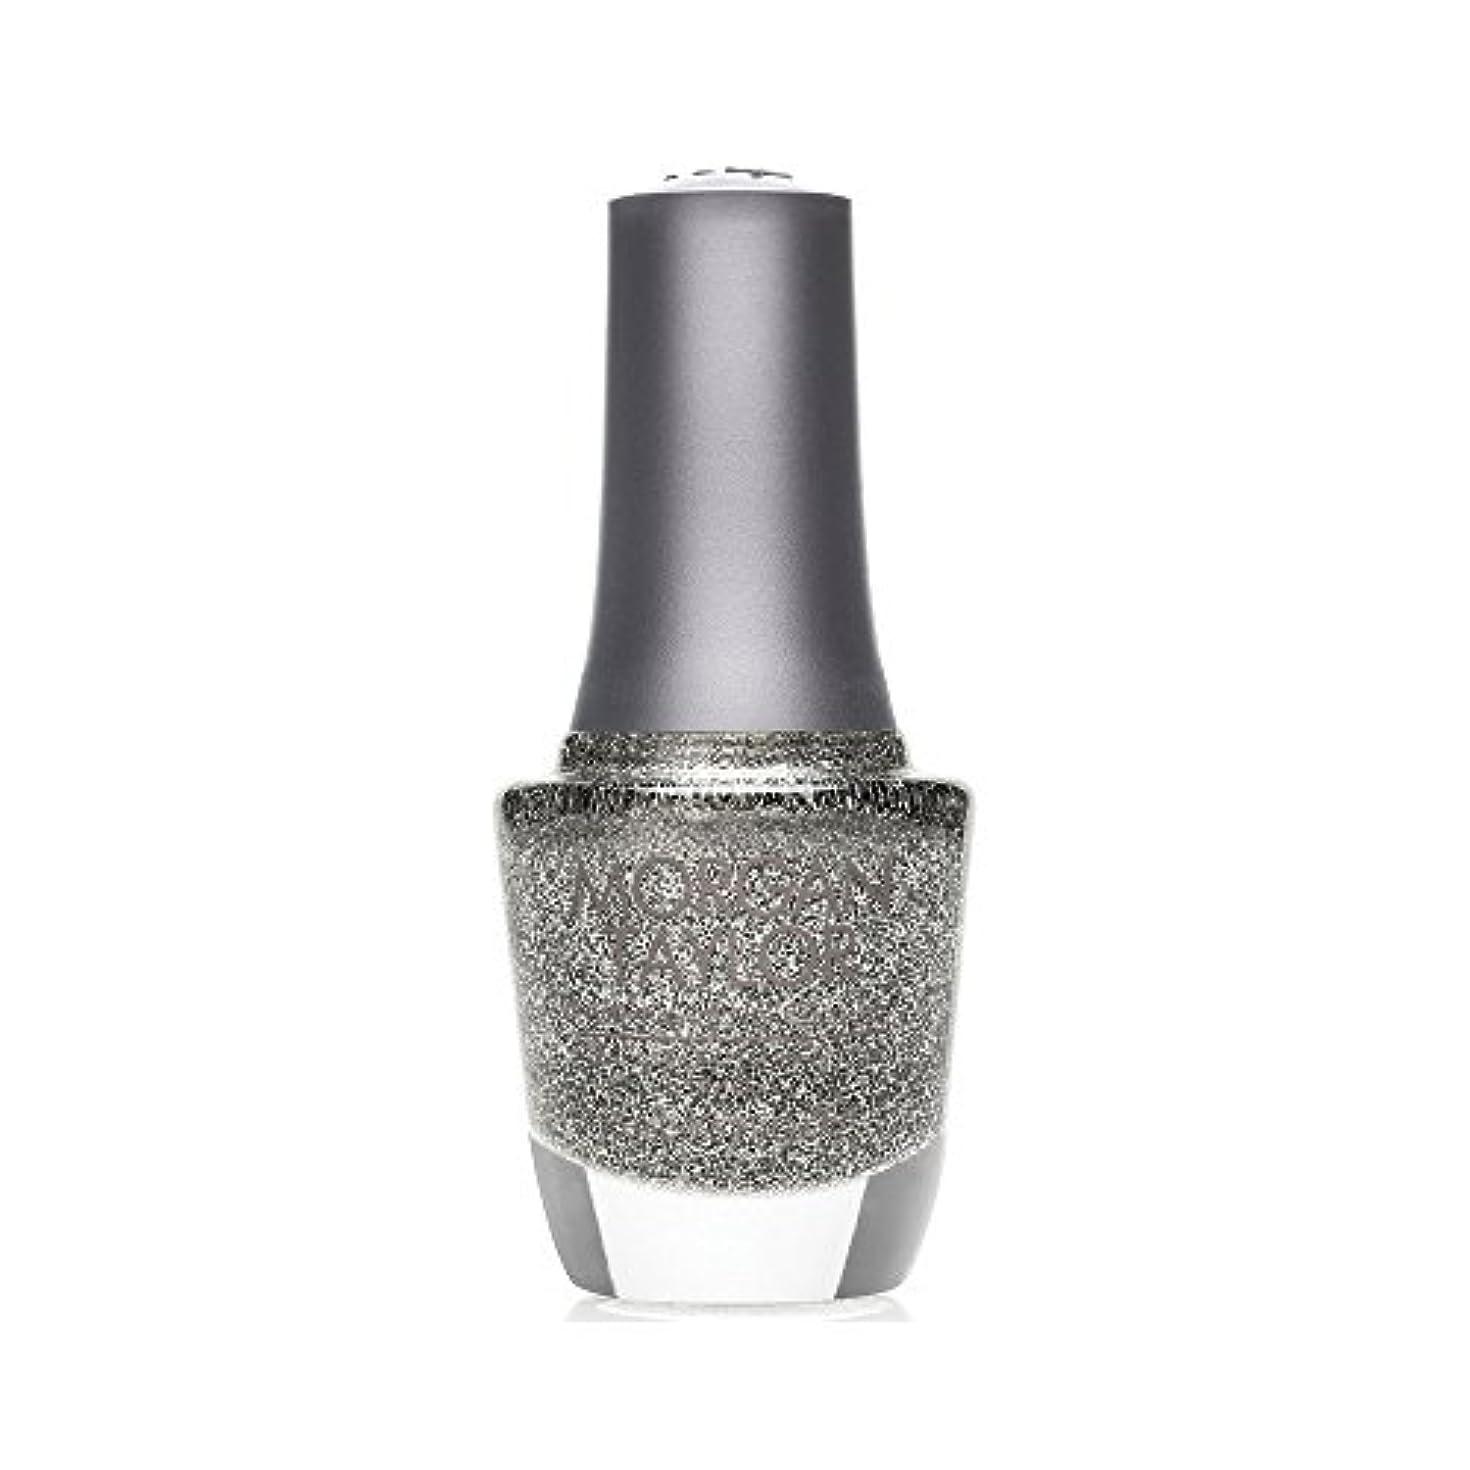 未就学聞くケーブルカーMorgan Taylor - Professional Nail Lacquer - Time to Shine - 15 mL / 0.5oz